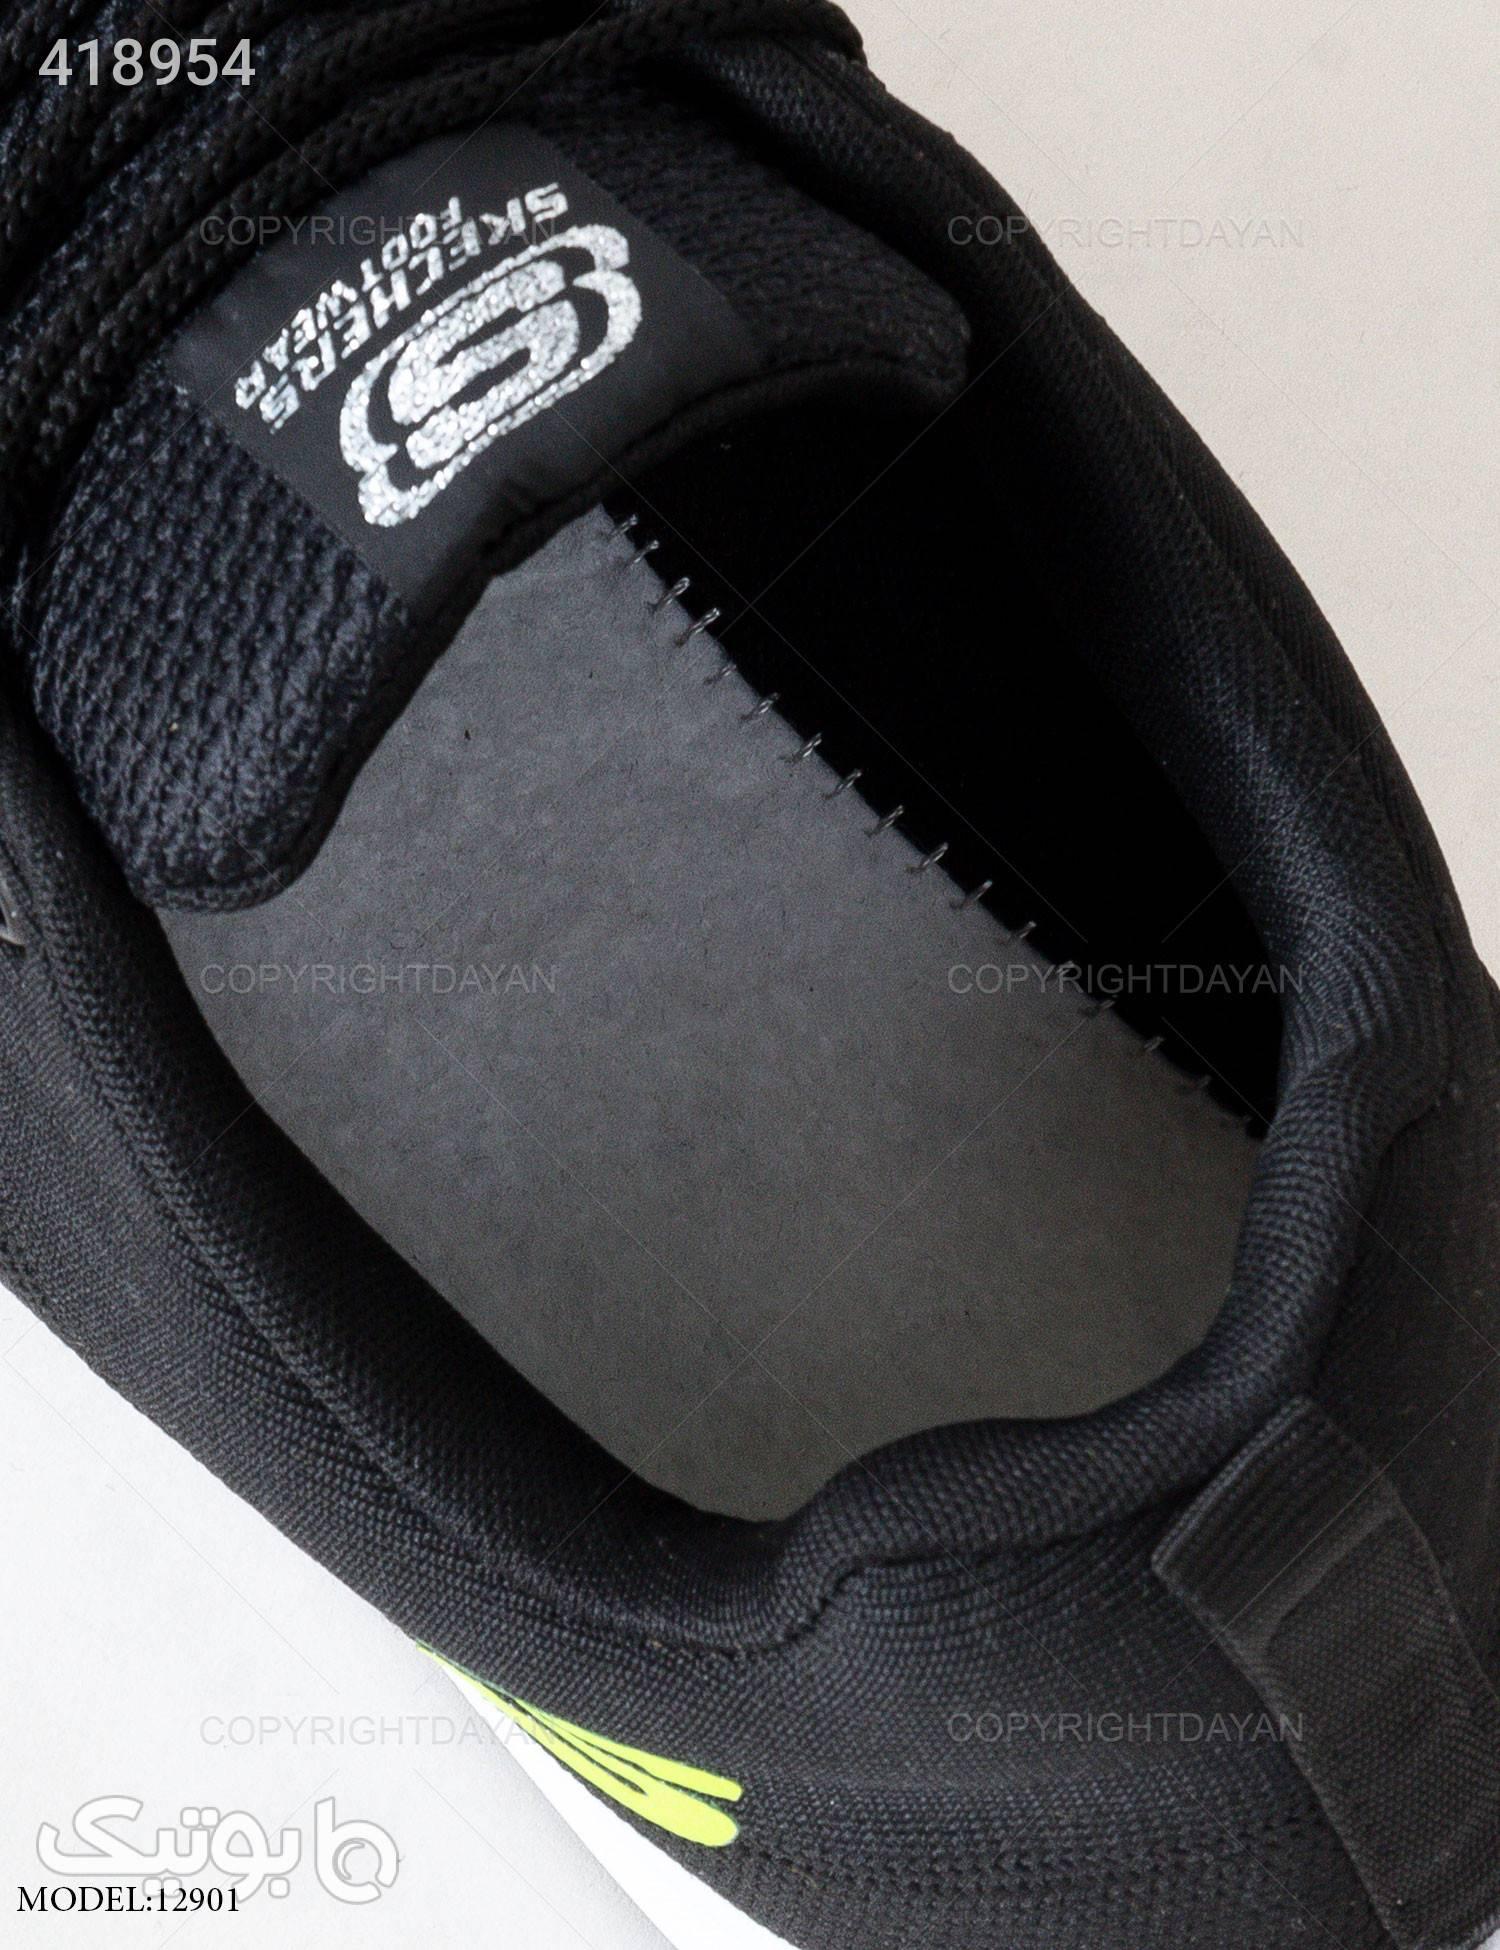 کفش مردانه Skechers مدل 12901 مشکی كتانی مردانه